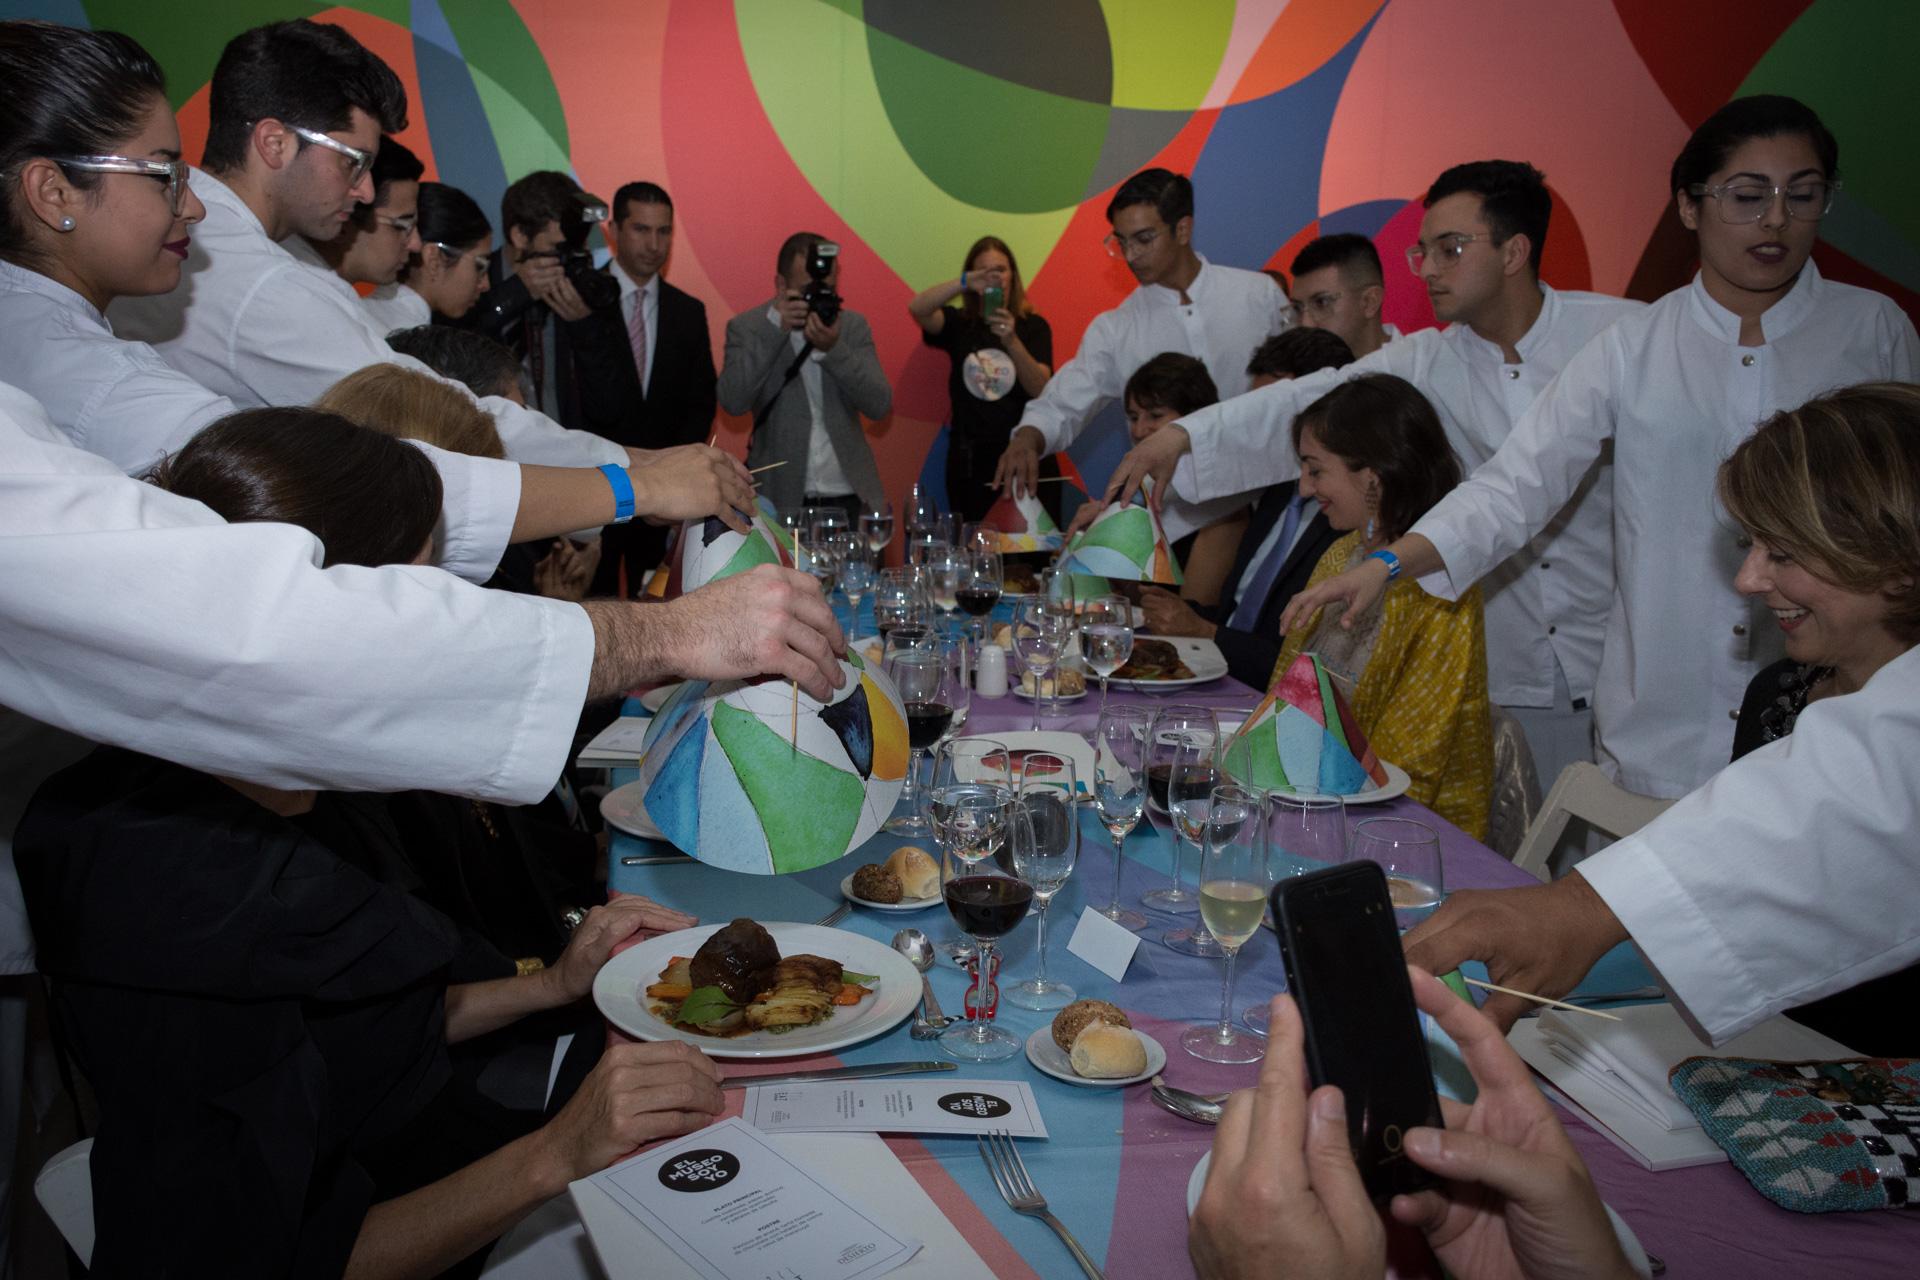 La original presentación de los platos del menú de la gala